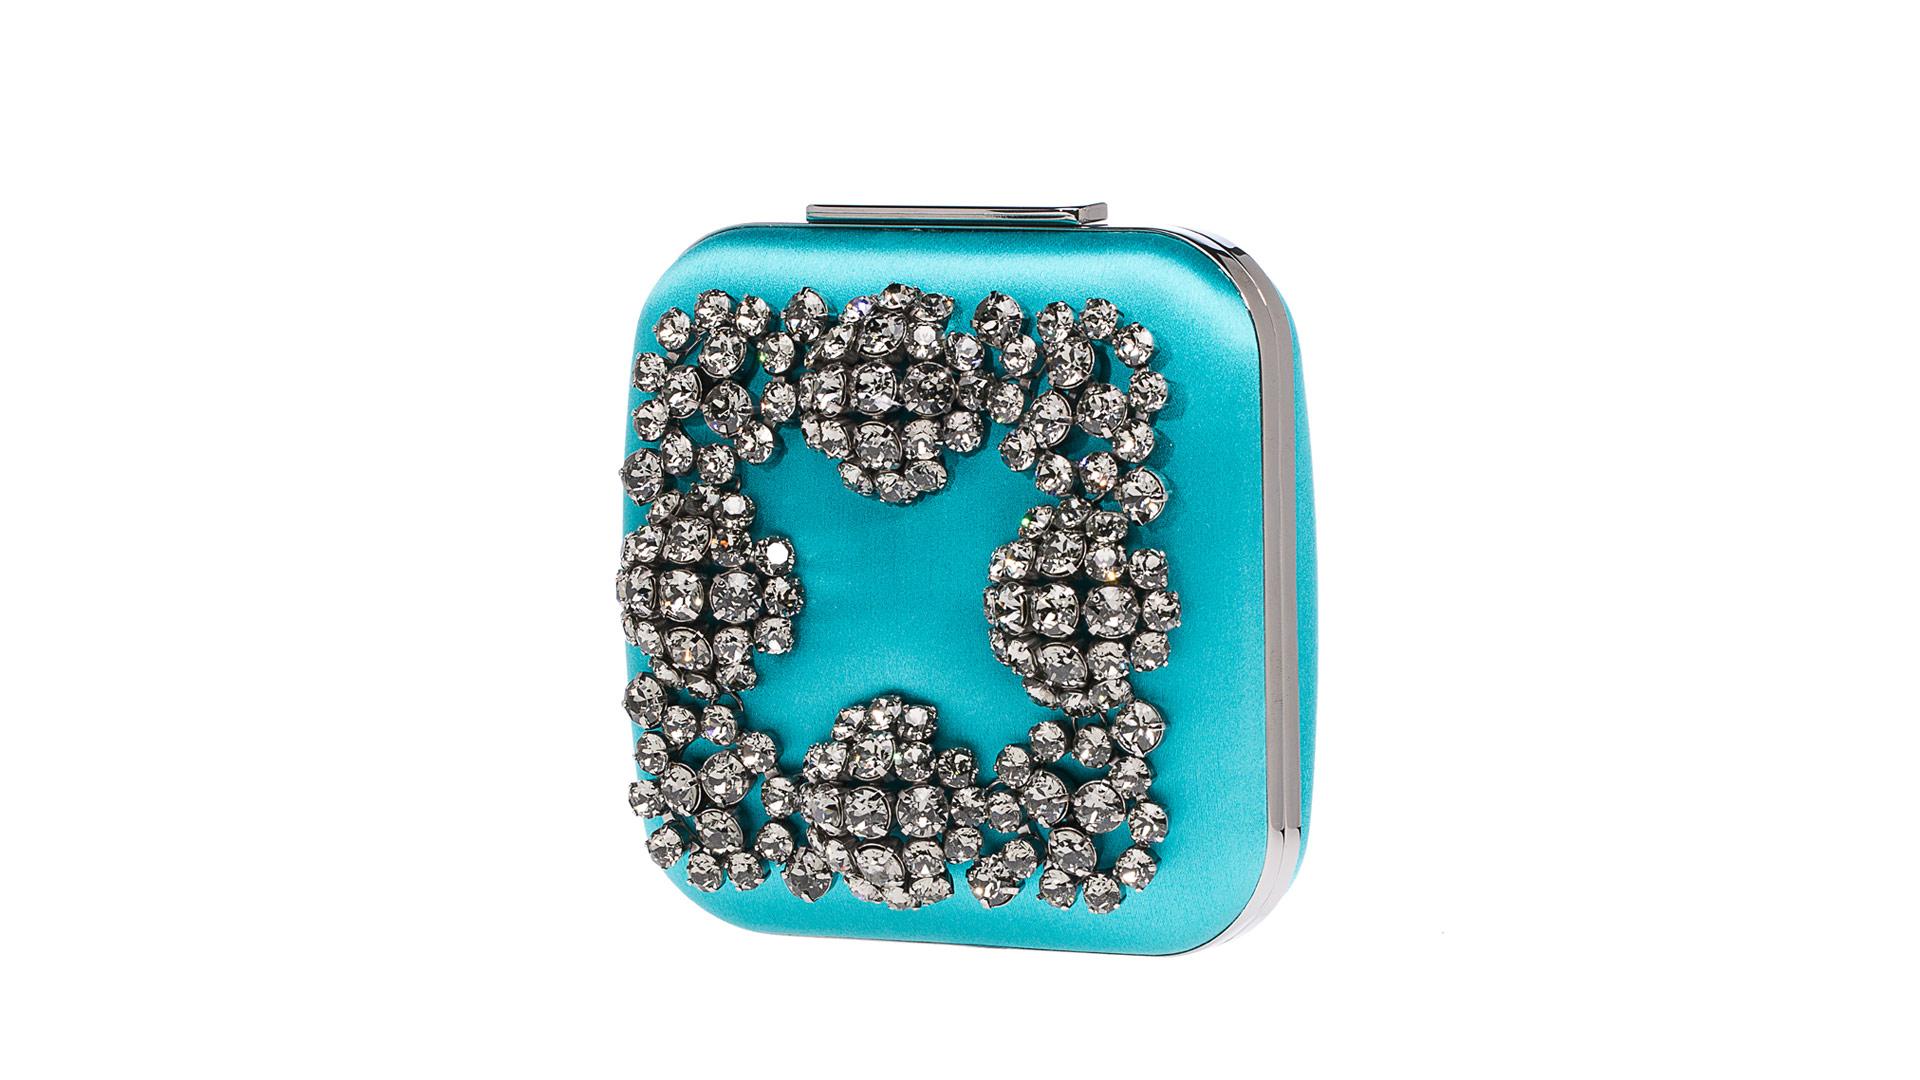 El diseñador creó una línea de bolsos adornados con Swarovski, pues la mano femenina está hecha para sostener gemas